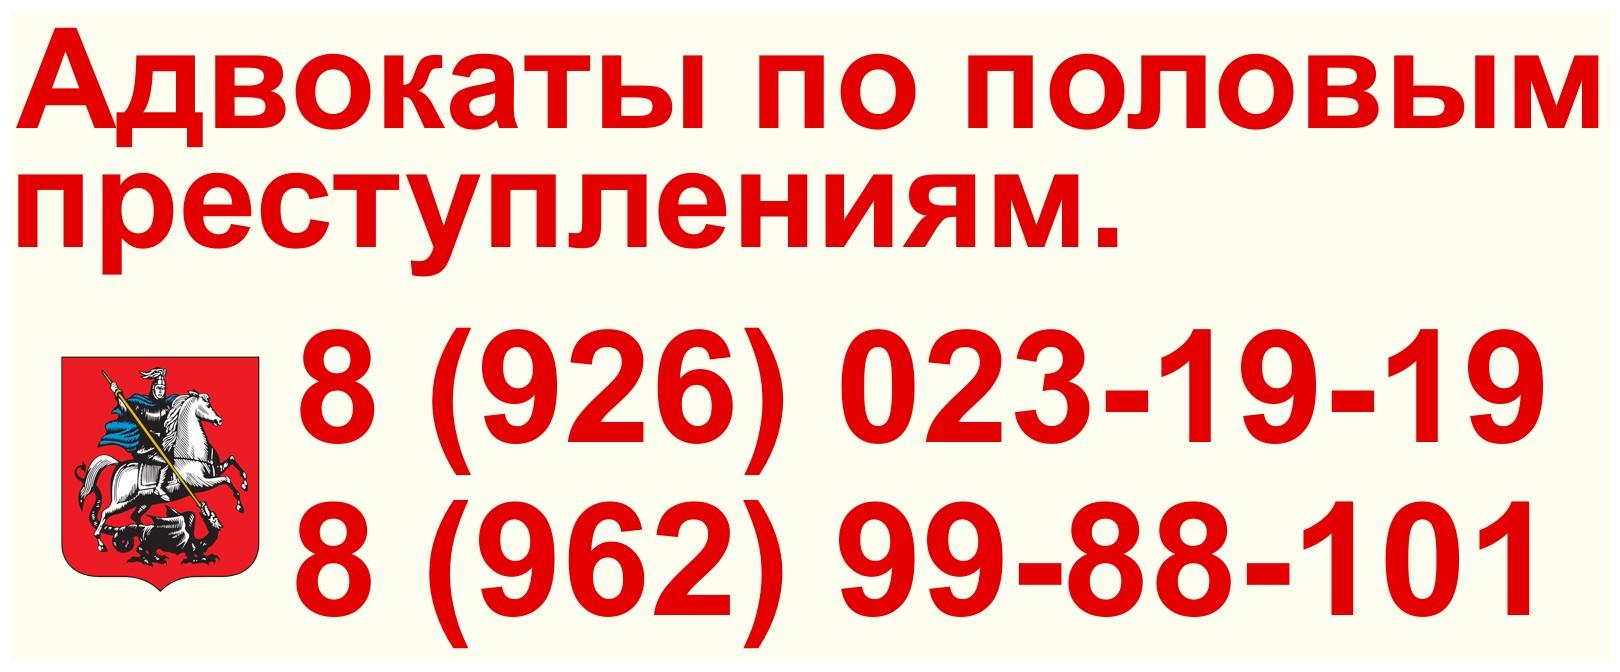 advokat_131.advokat_po_iznasilovaniyu